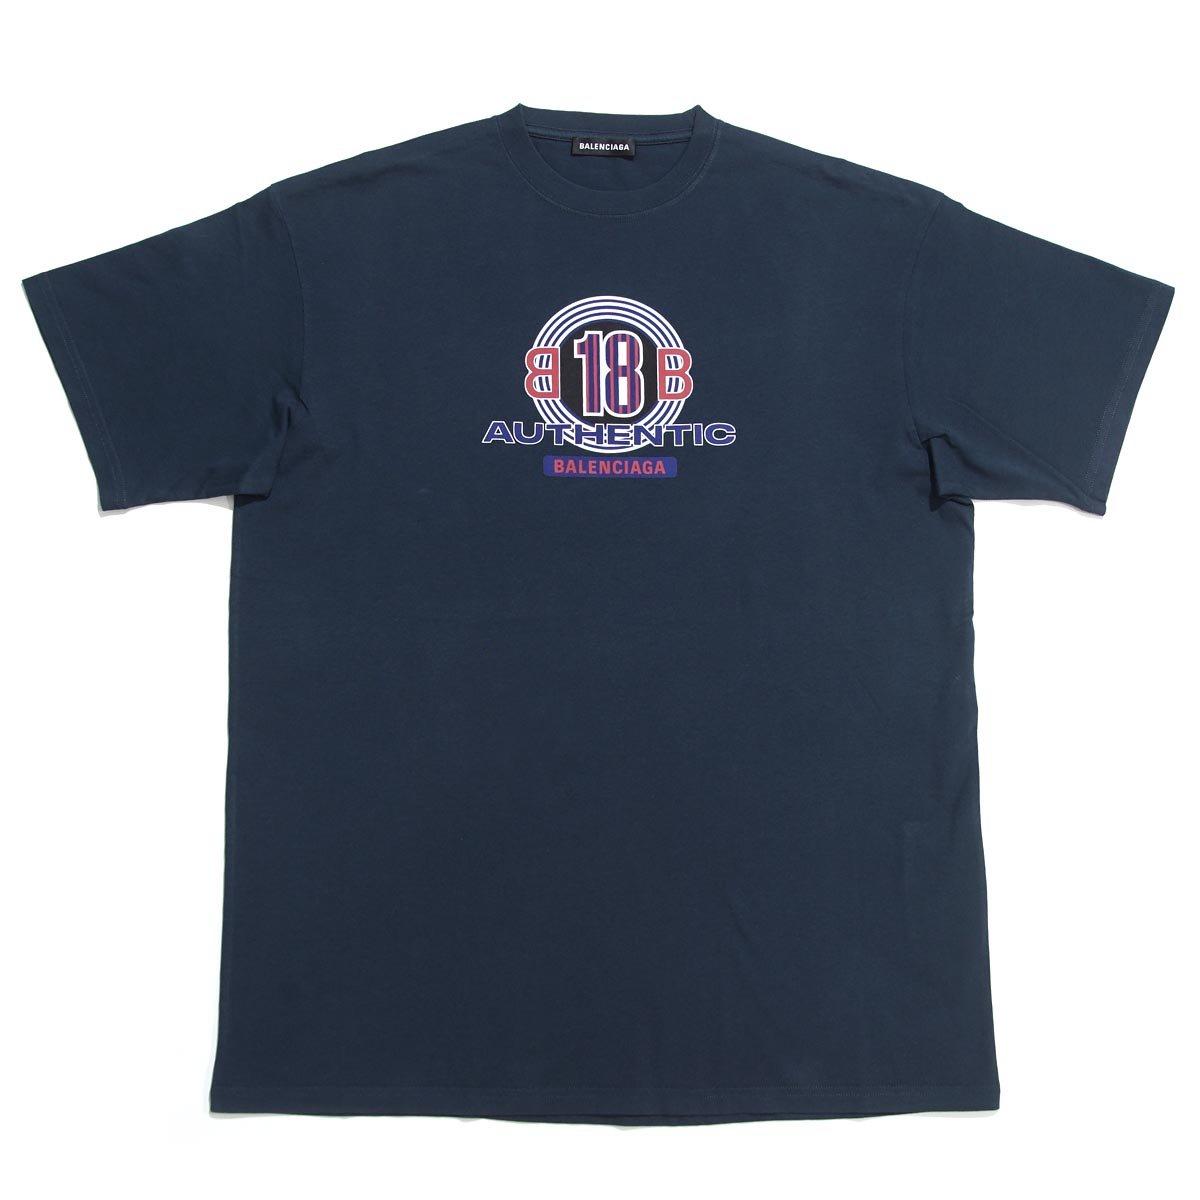 (バレンシアガ) BALENCIAGA クルーネック Tシャツ/CAPSULE [並行輸入品] B07DLHSS34 L|ネイビー ネイビー L